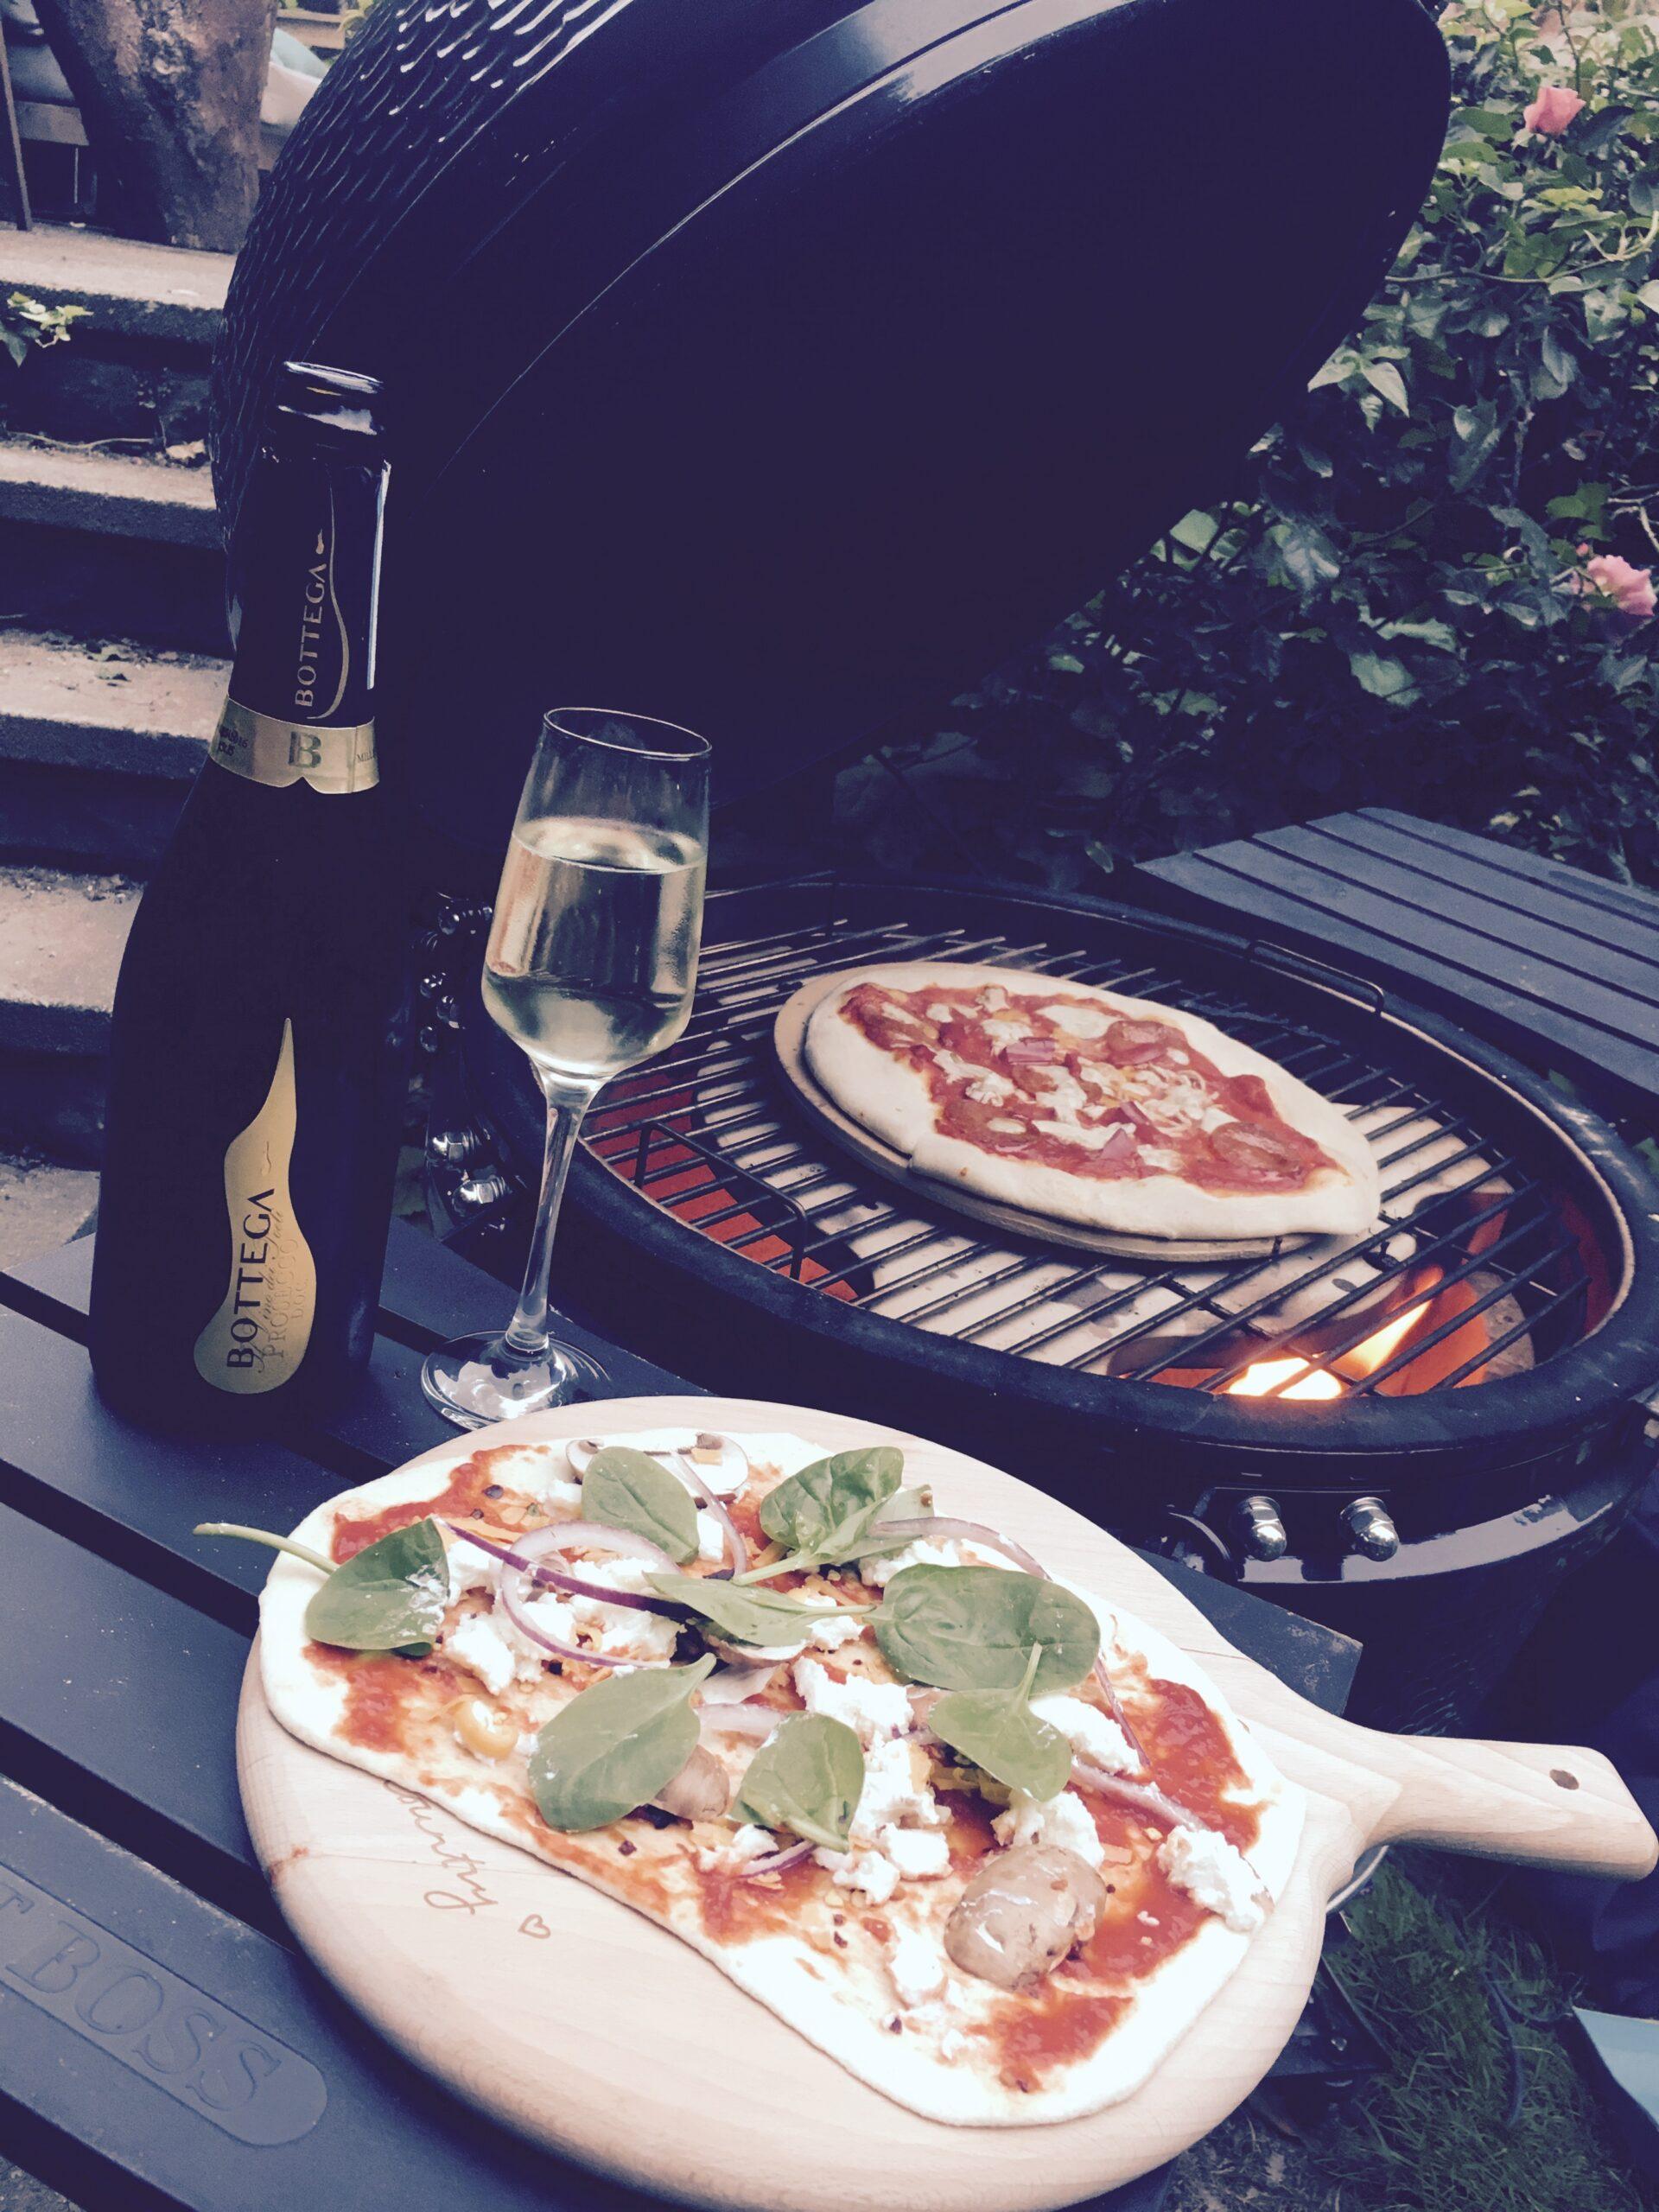 Pizza and Prosecco Night